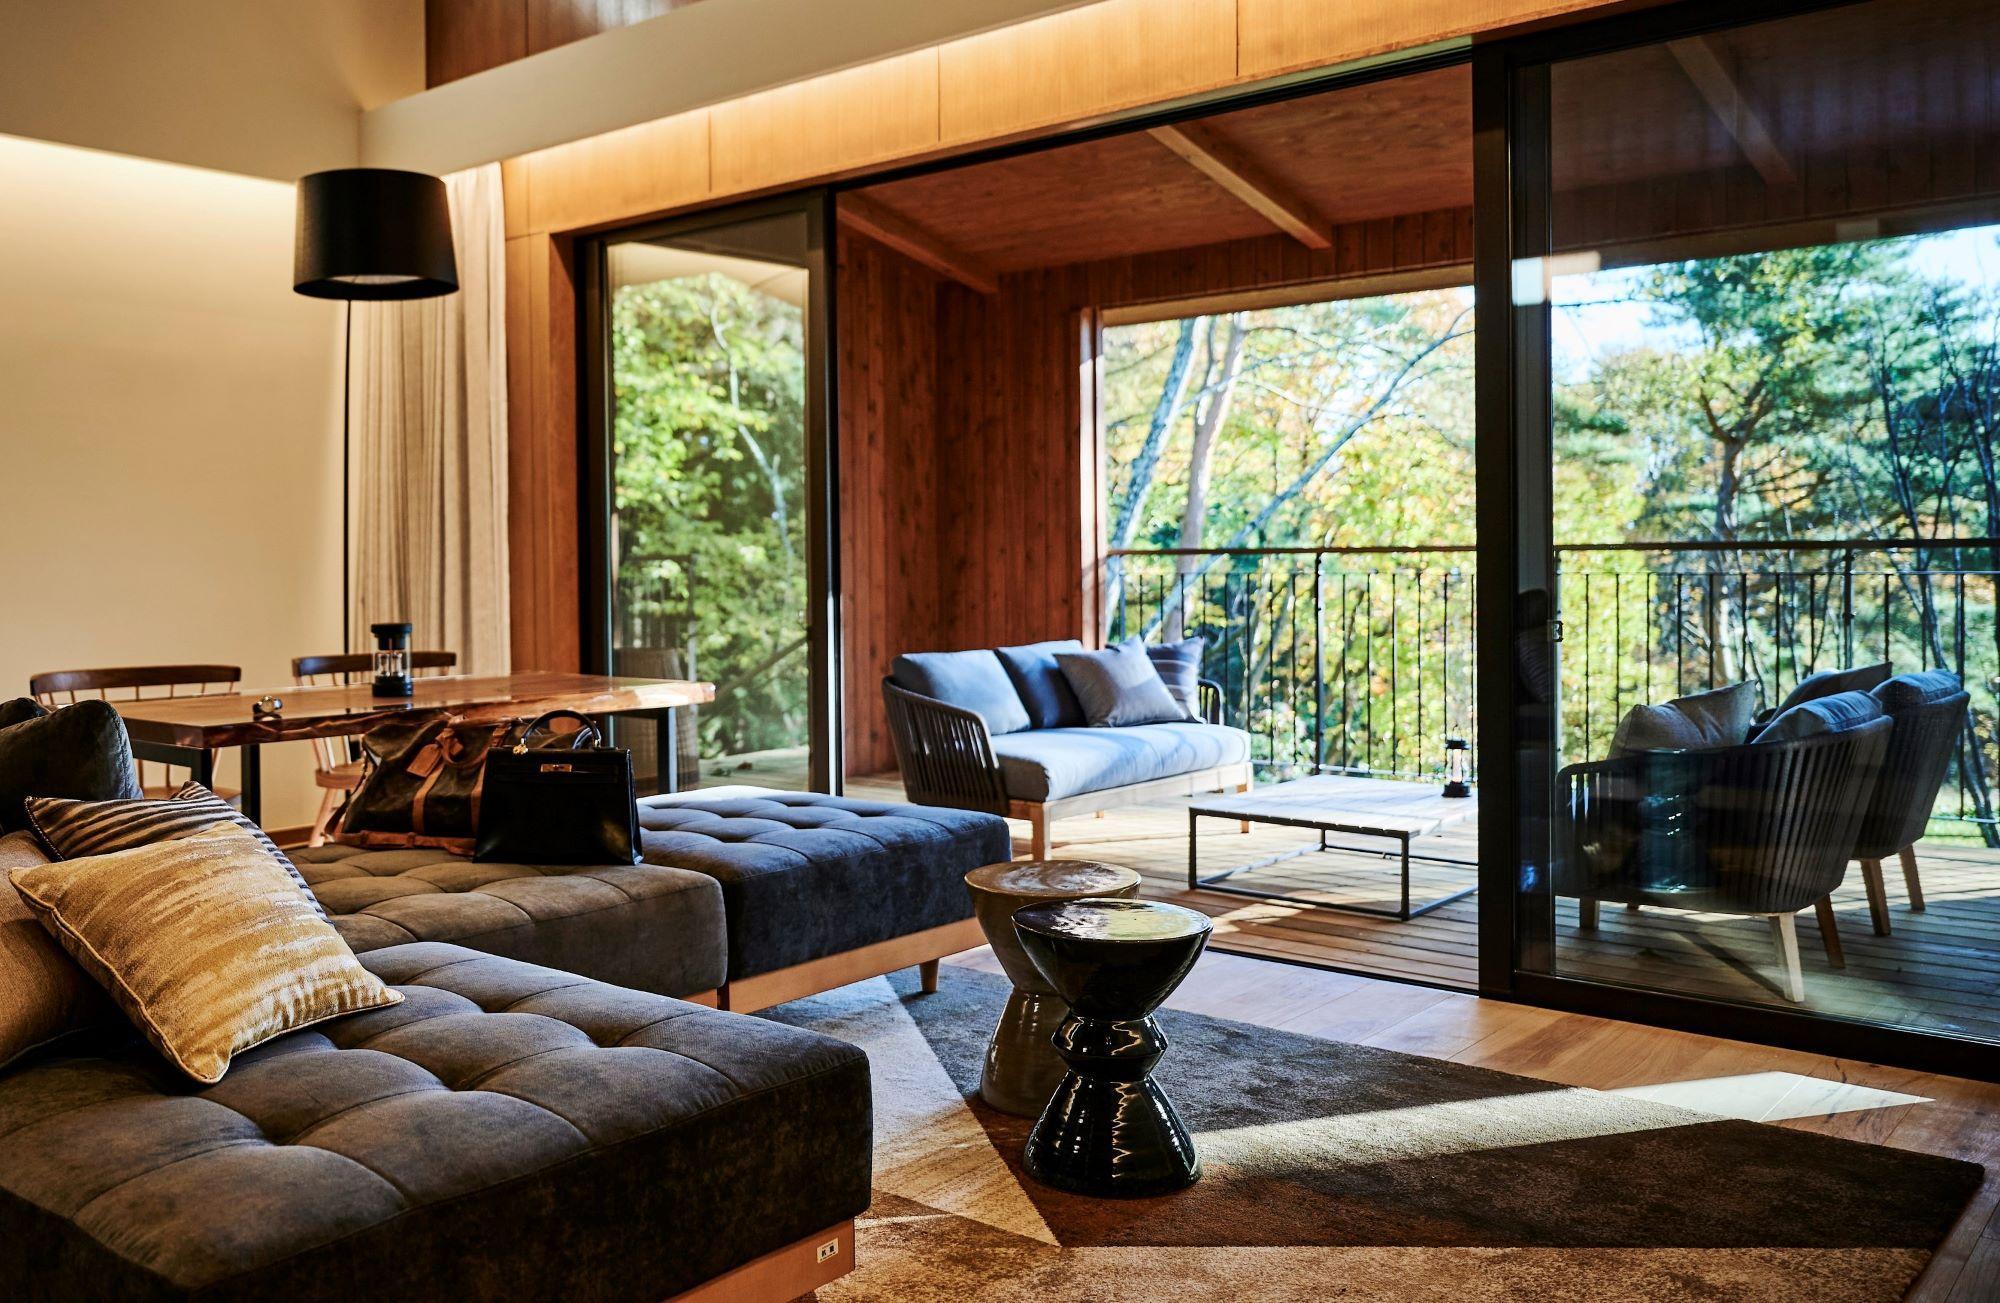 ヴィラ9棟と本館に28室からなり、テラスを含む客室面積は最小でも100㎡を超える。